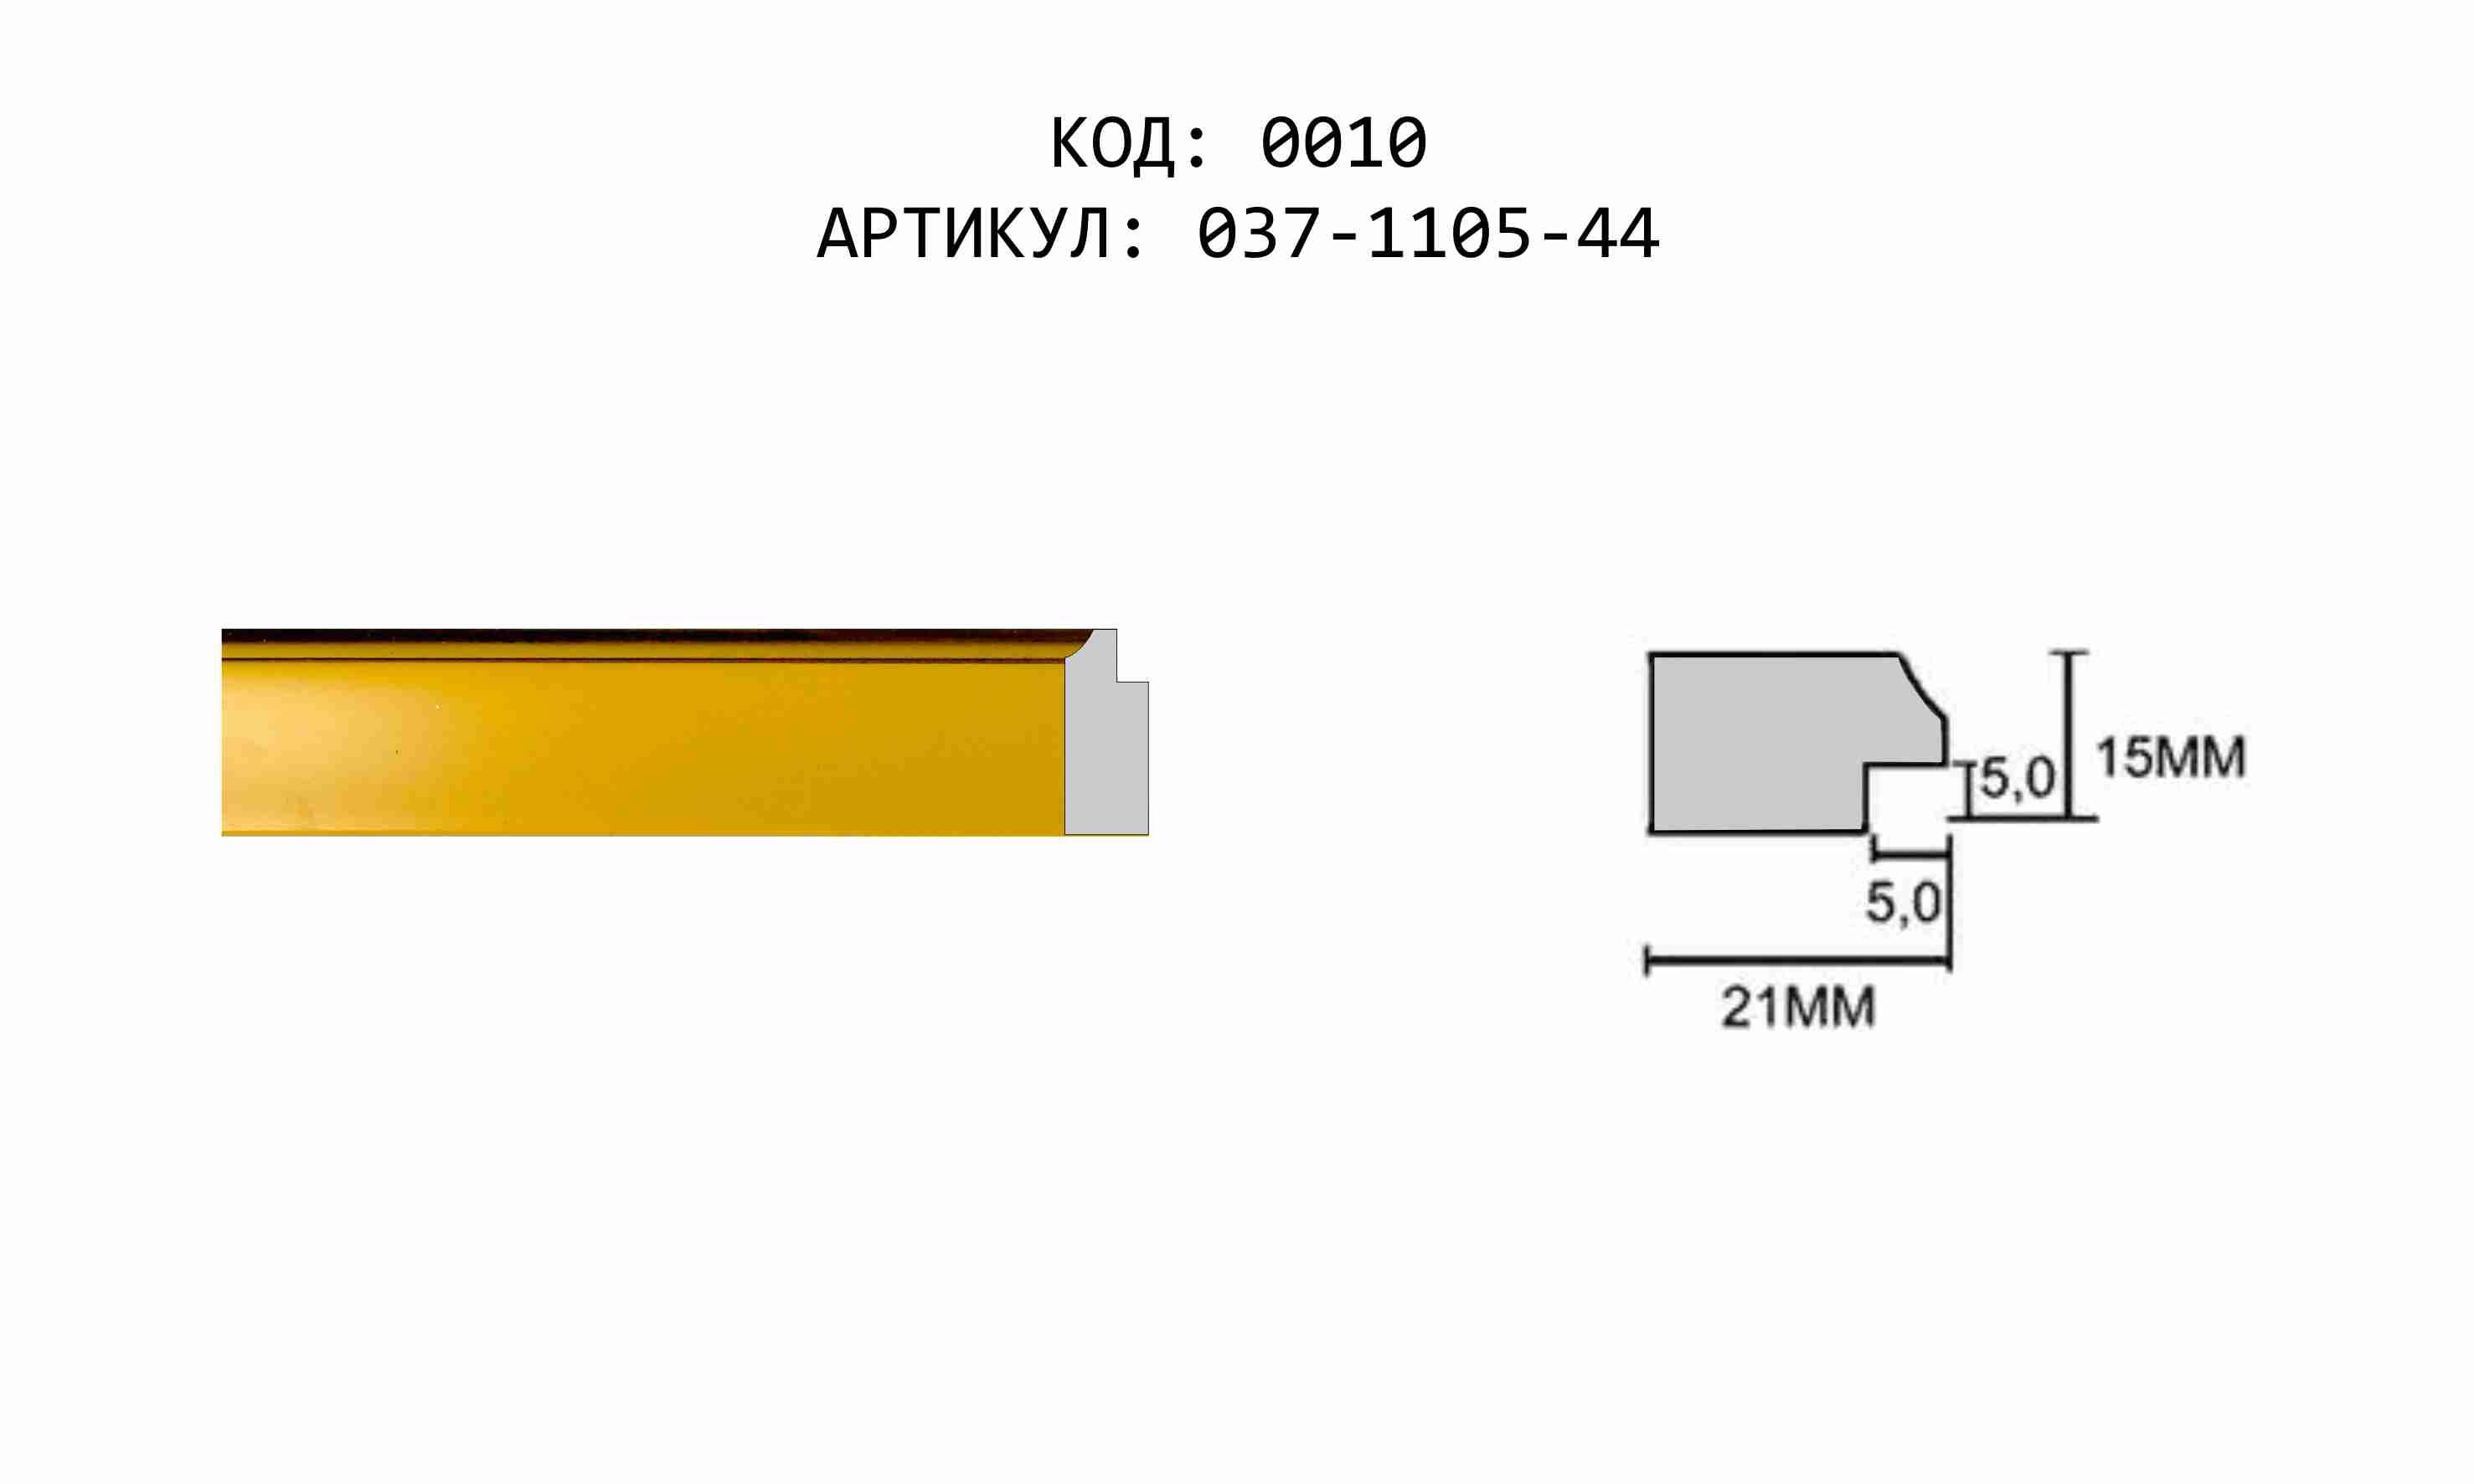 Артикул: 037-1105-44